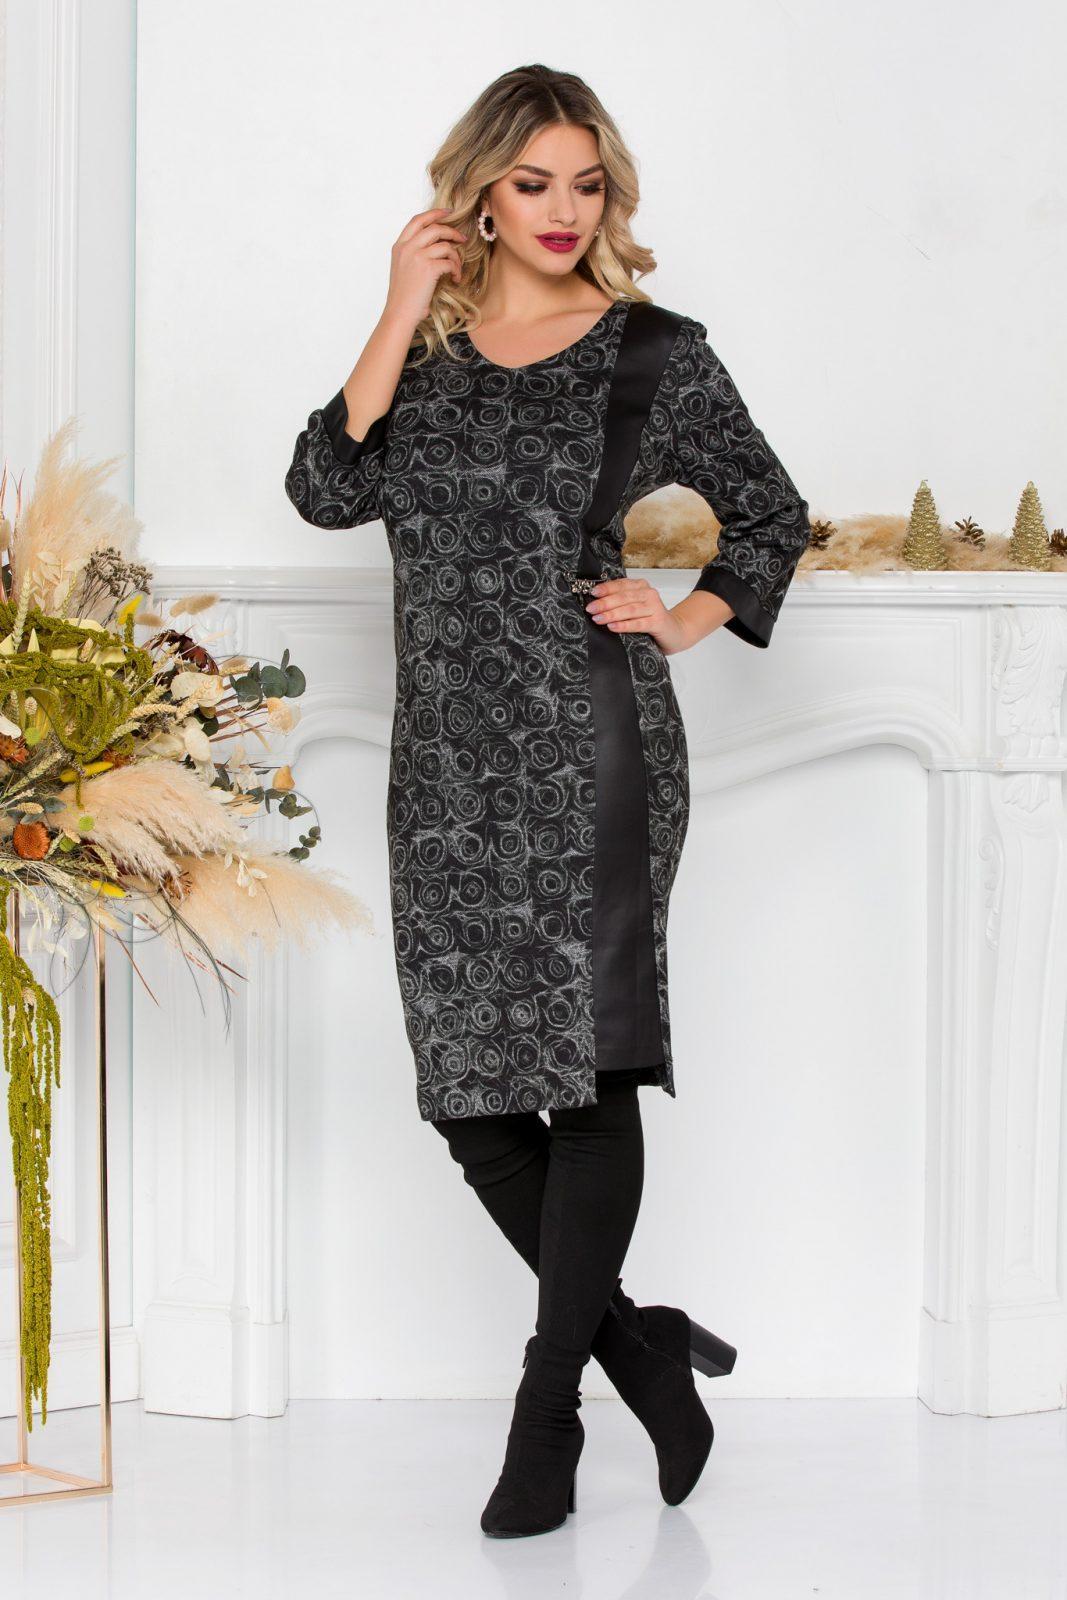 Μαύρο Πλεκτό Φόρεμα Με Δερματίνη Katalina 8910 5